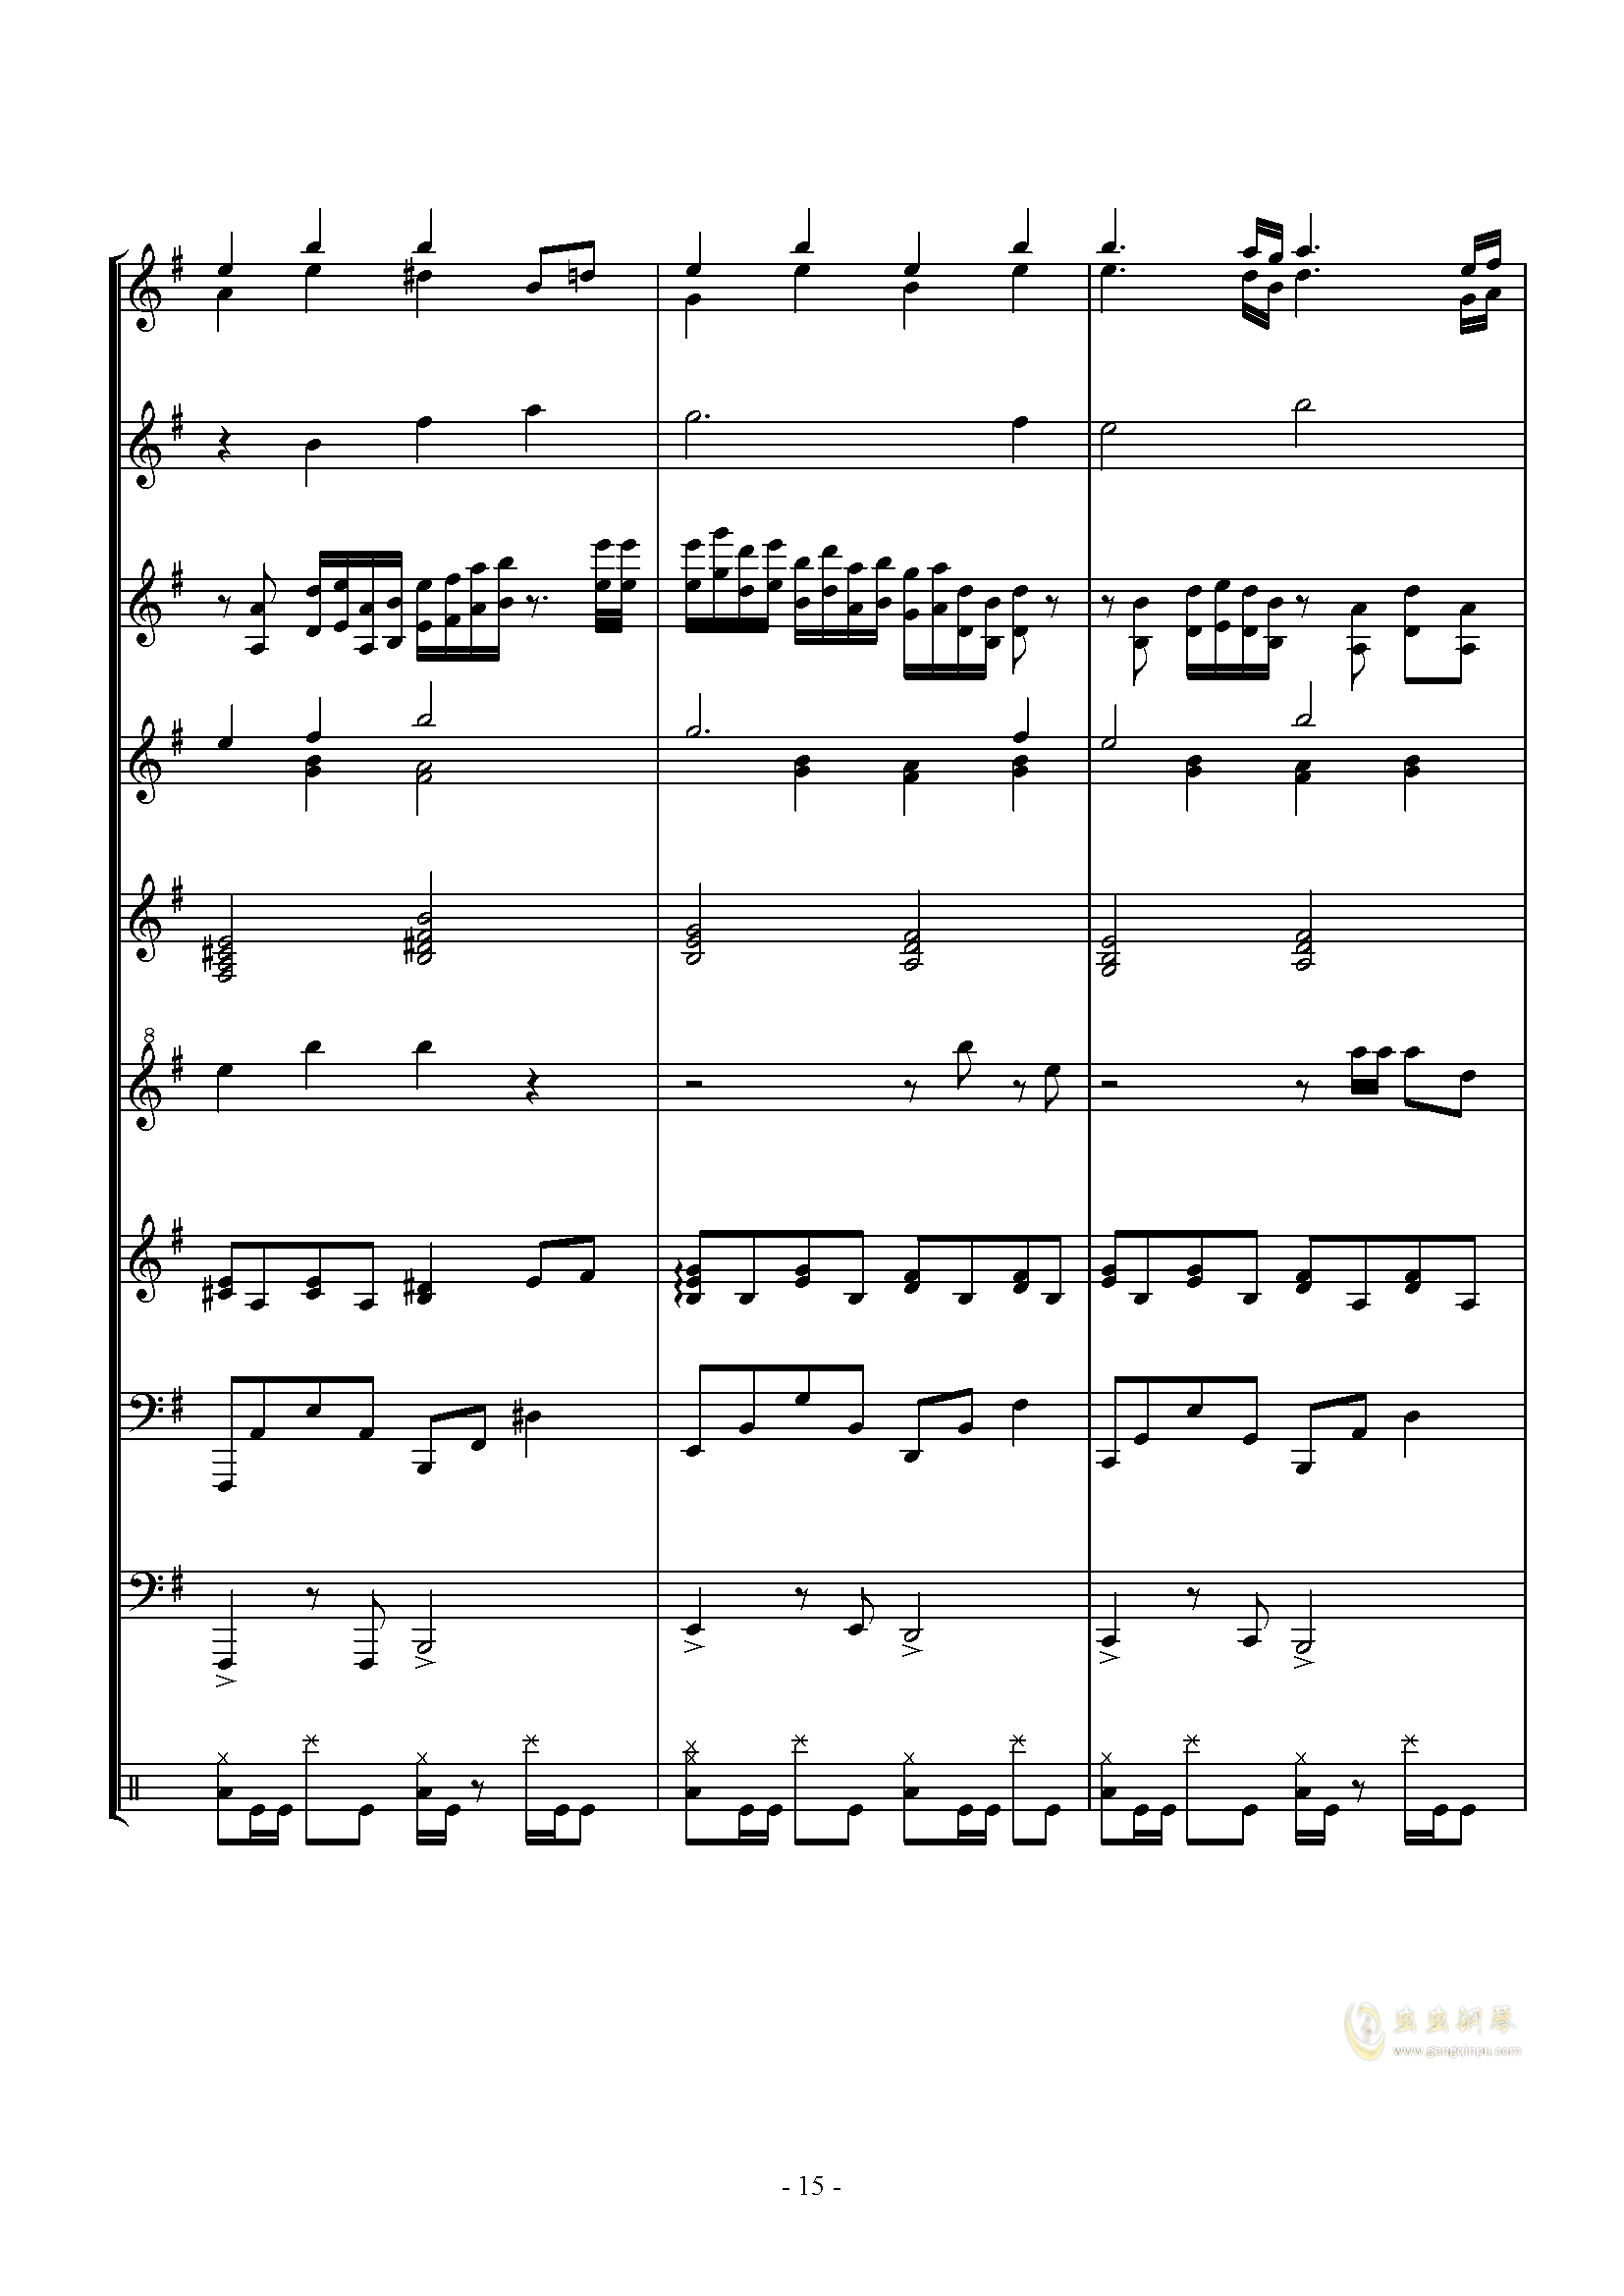 キミガタメ钢琴谱 第15页